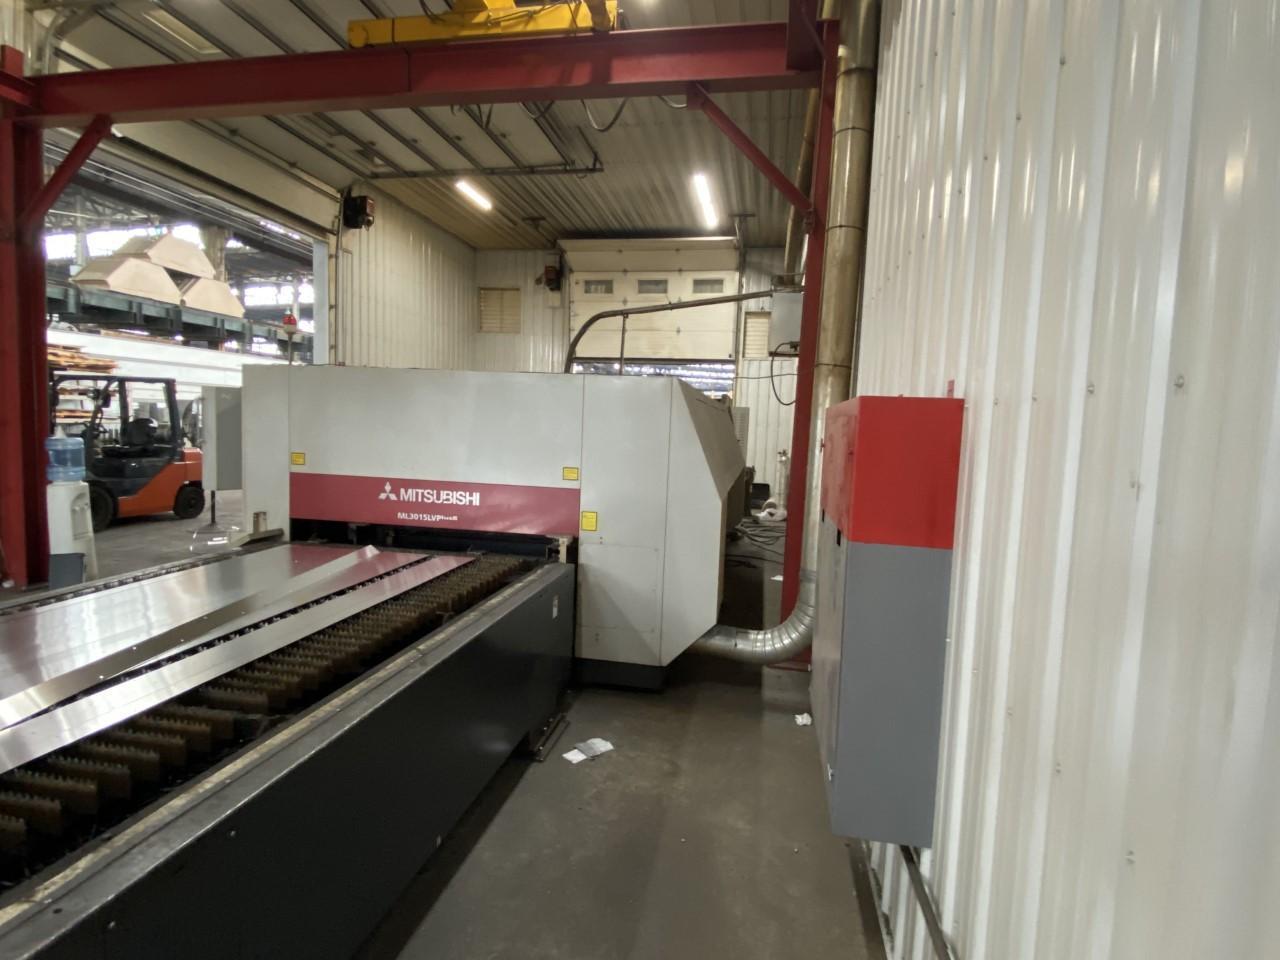 2011 Mitsubishi LVP3015, 5x10, 4500 Watt Co2 CNC Laser